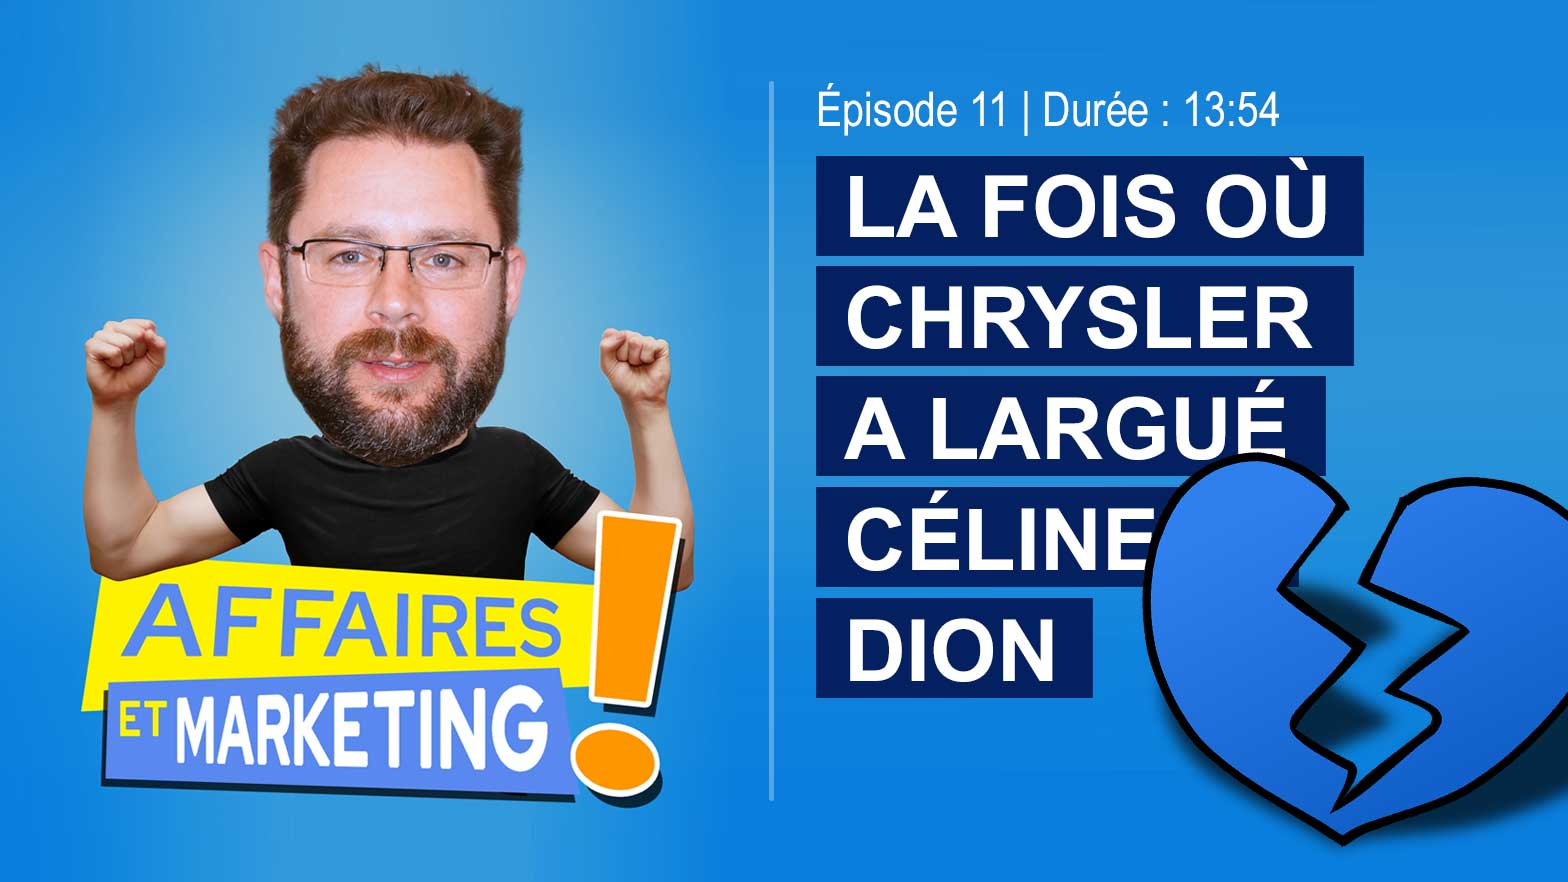 Podcast affaires et marketing - La fois où Chrysler a largué Céline Dion